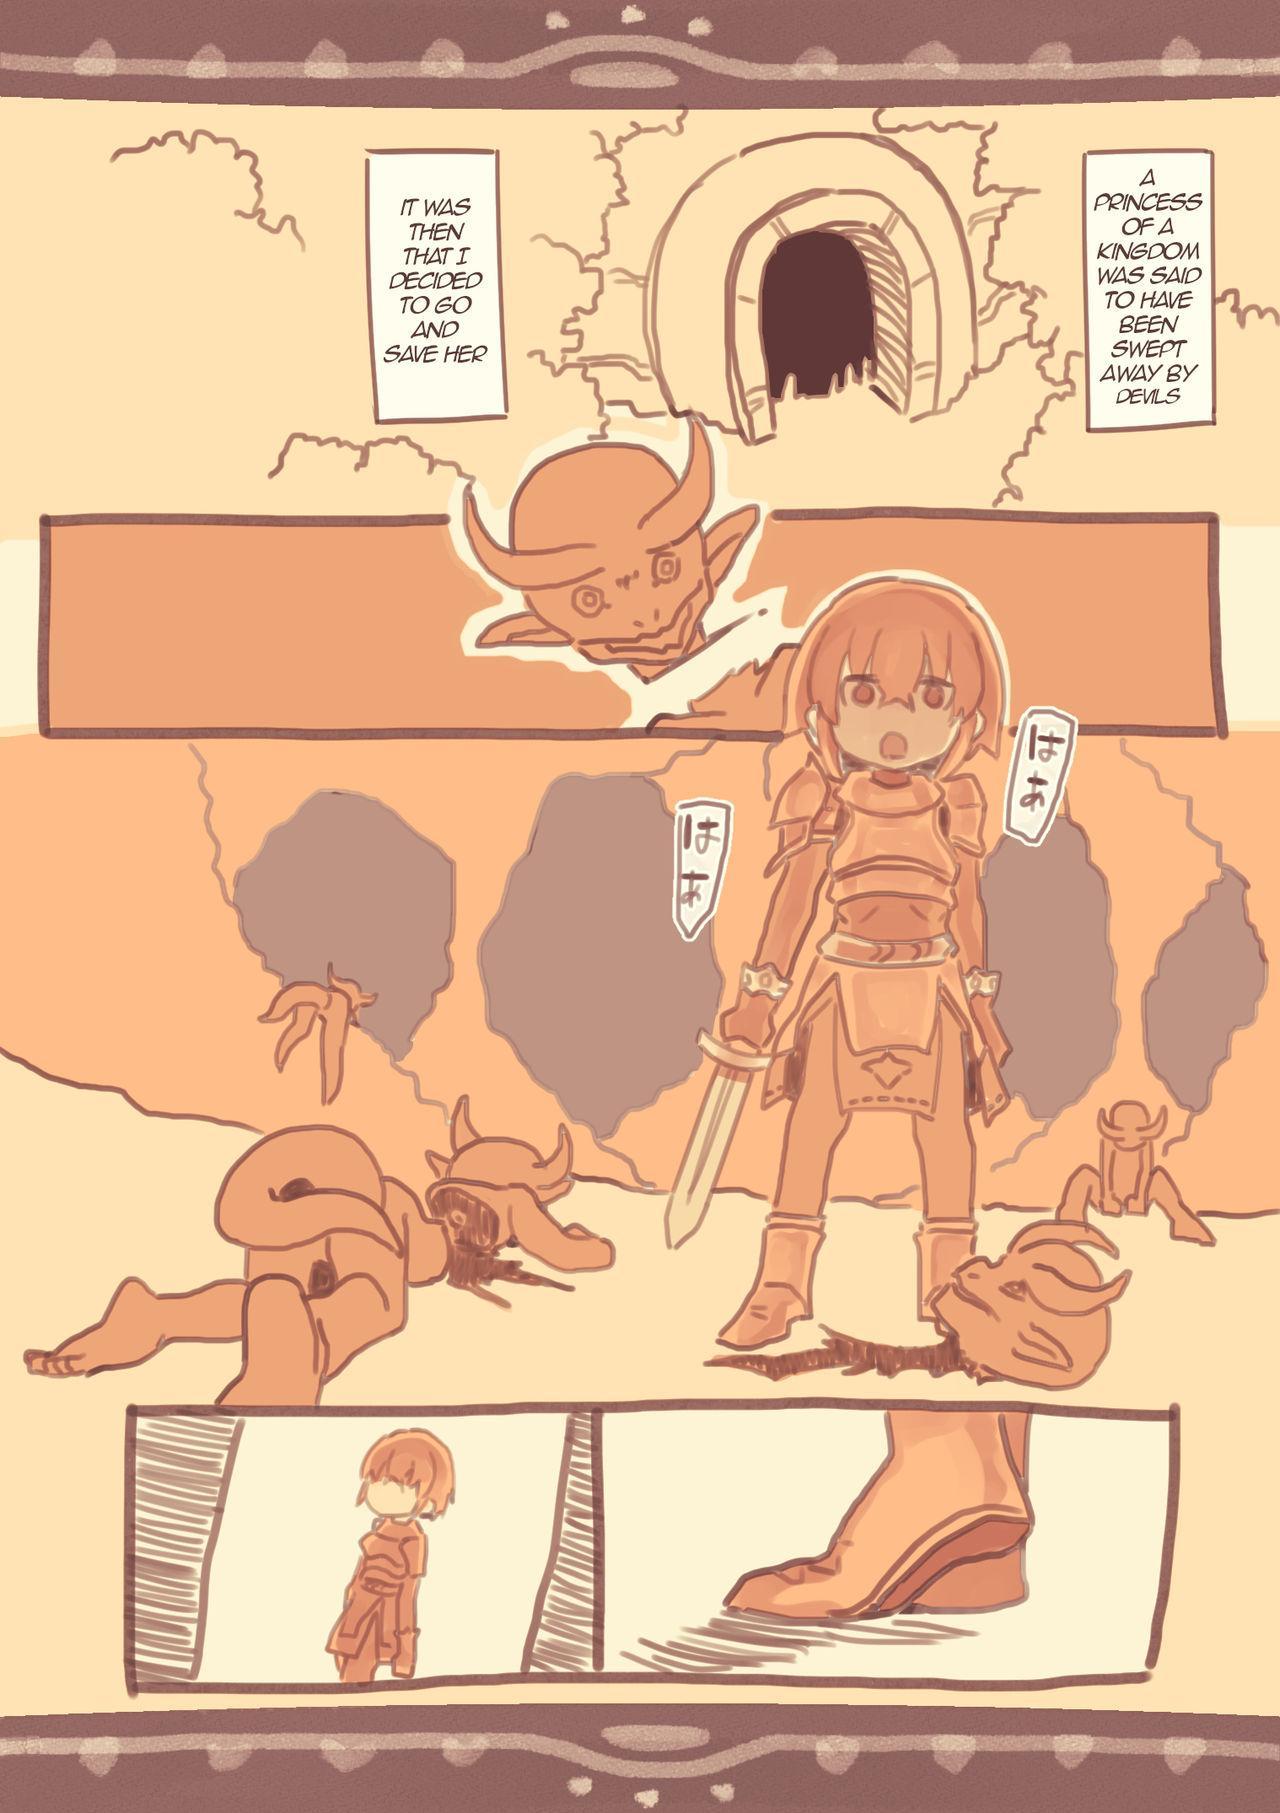 Toraware Oujo o Okashita Shounen | The Boy Who Violated The Captured Princess 1